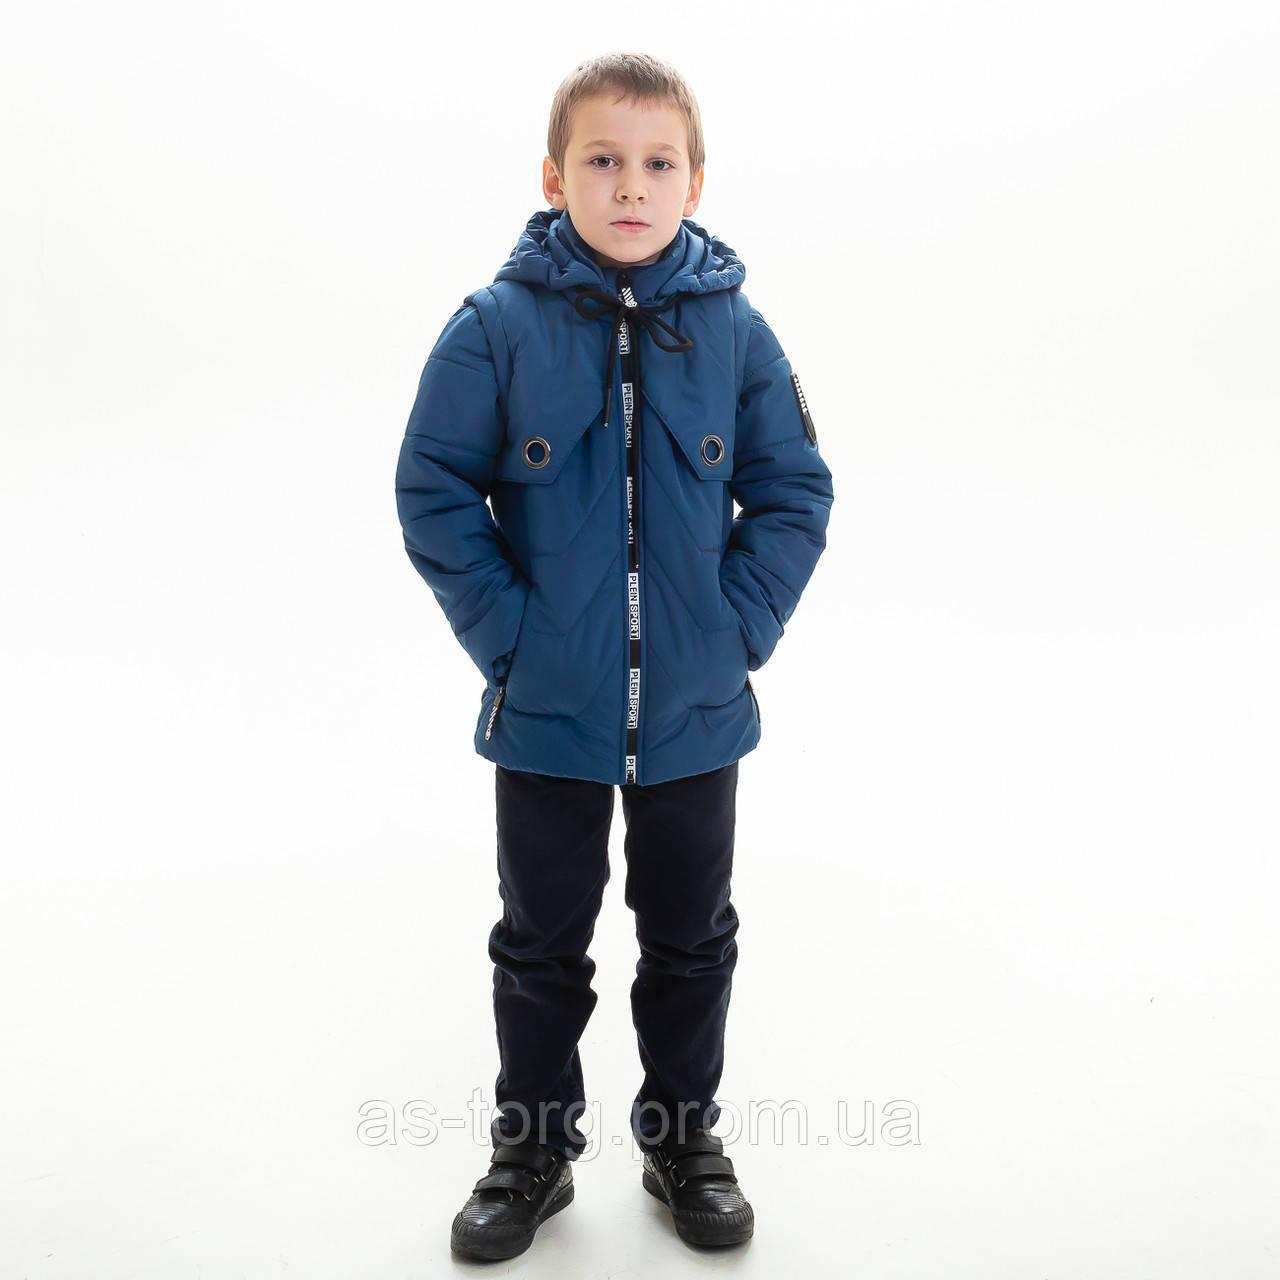 Куртка-жилет для мальчика «Плейн»